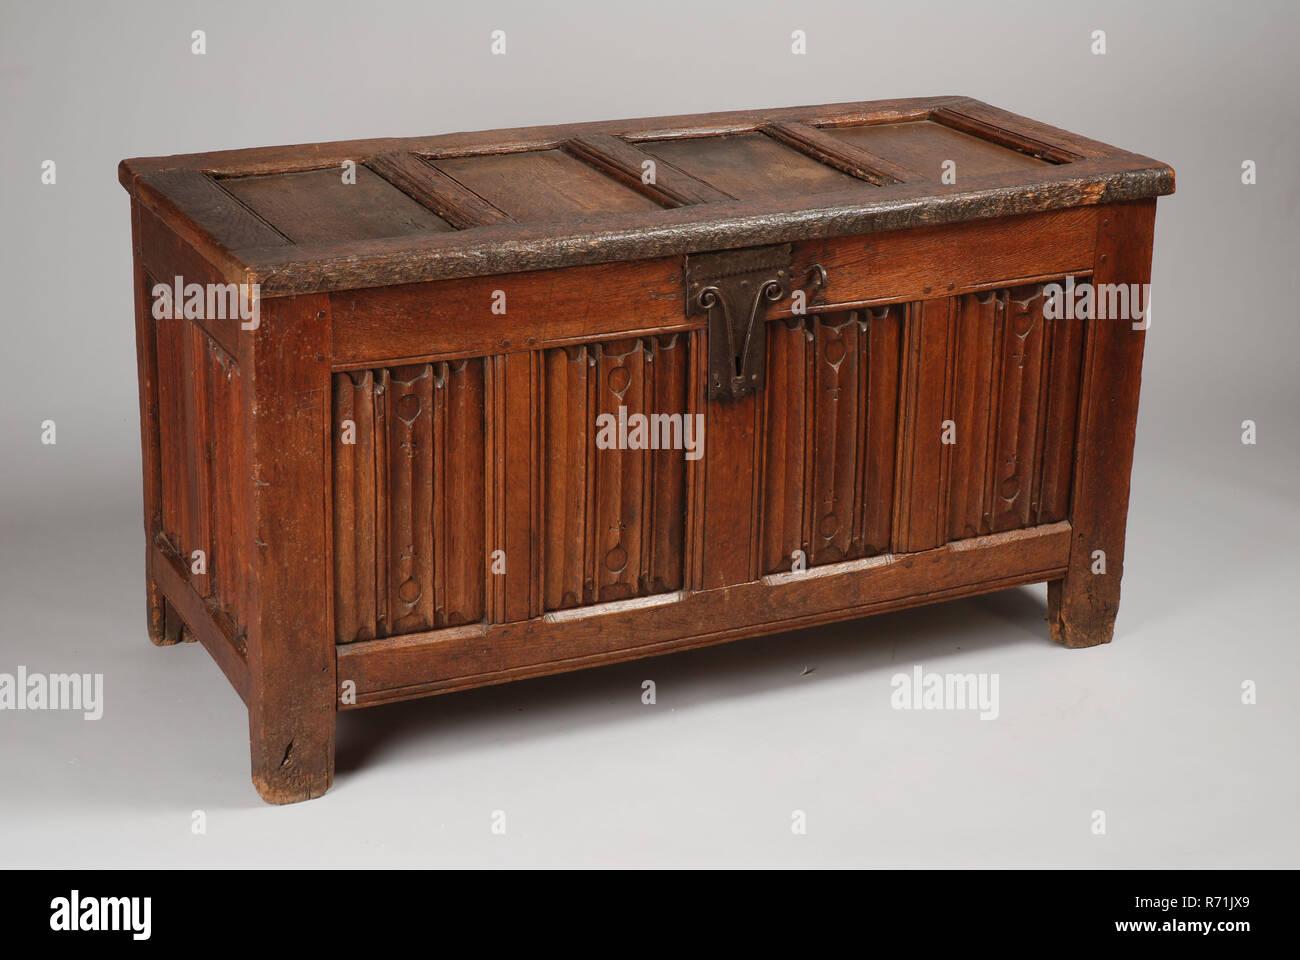 Oak box, chest cabinet furniture furniture interior design